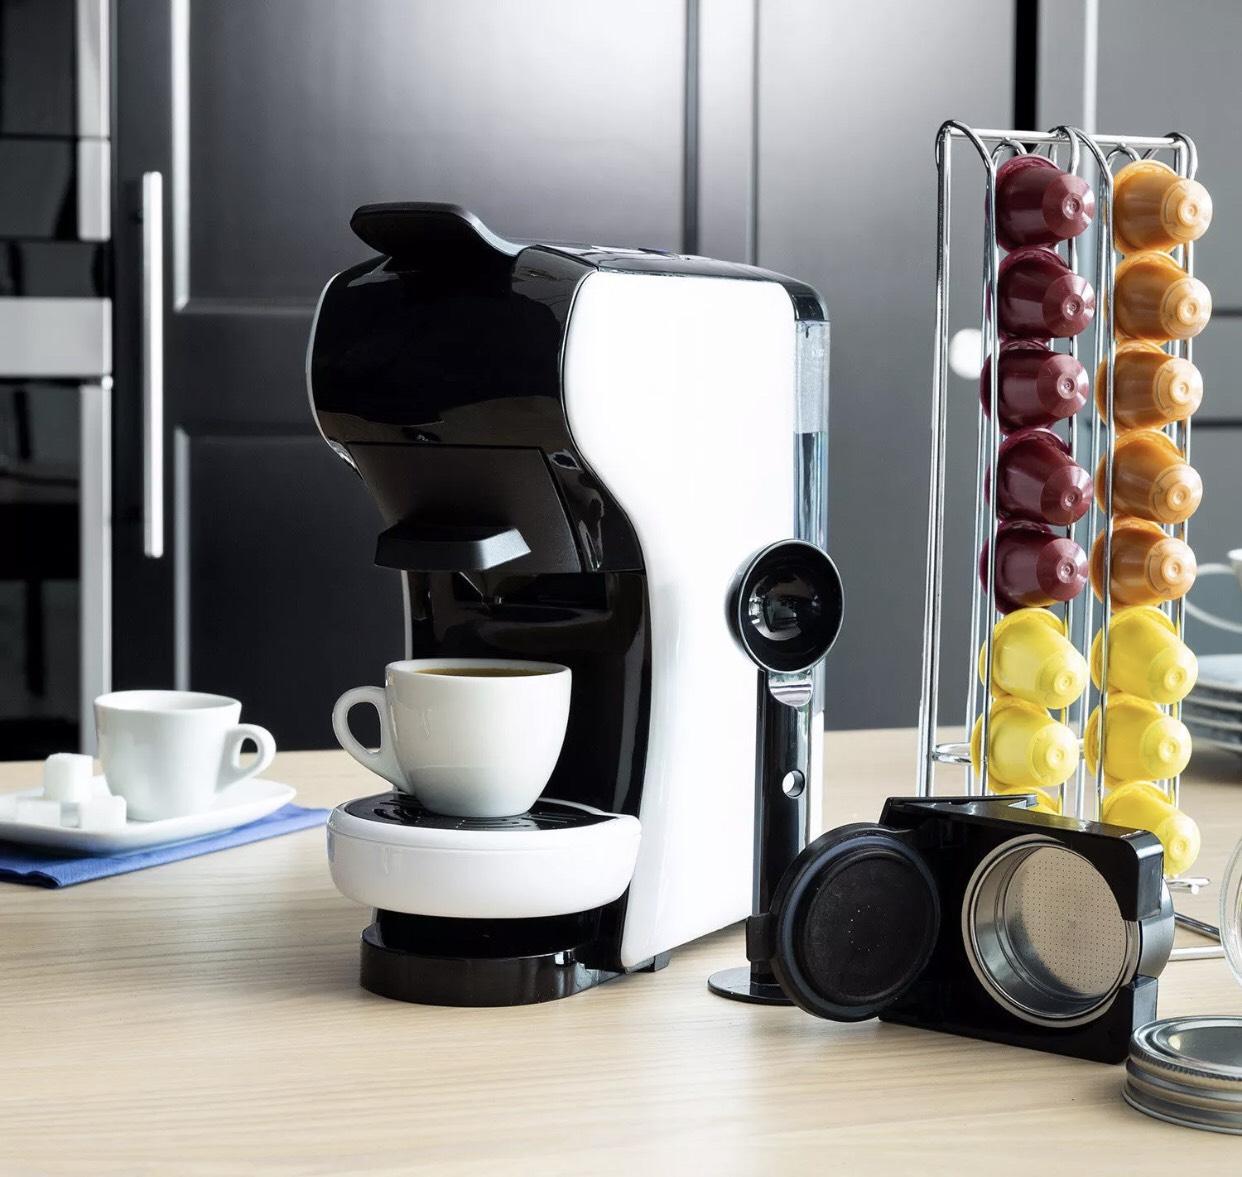 ¡Cafetera Armelli 3 en 1 compatible con Nespresso, Dolce gusto y Coffee Express! Envío gratis